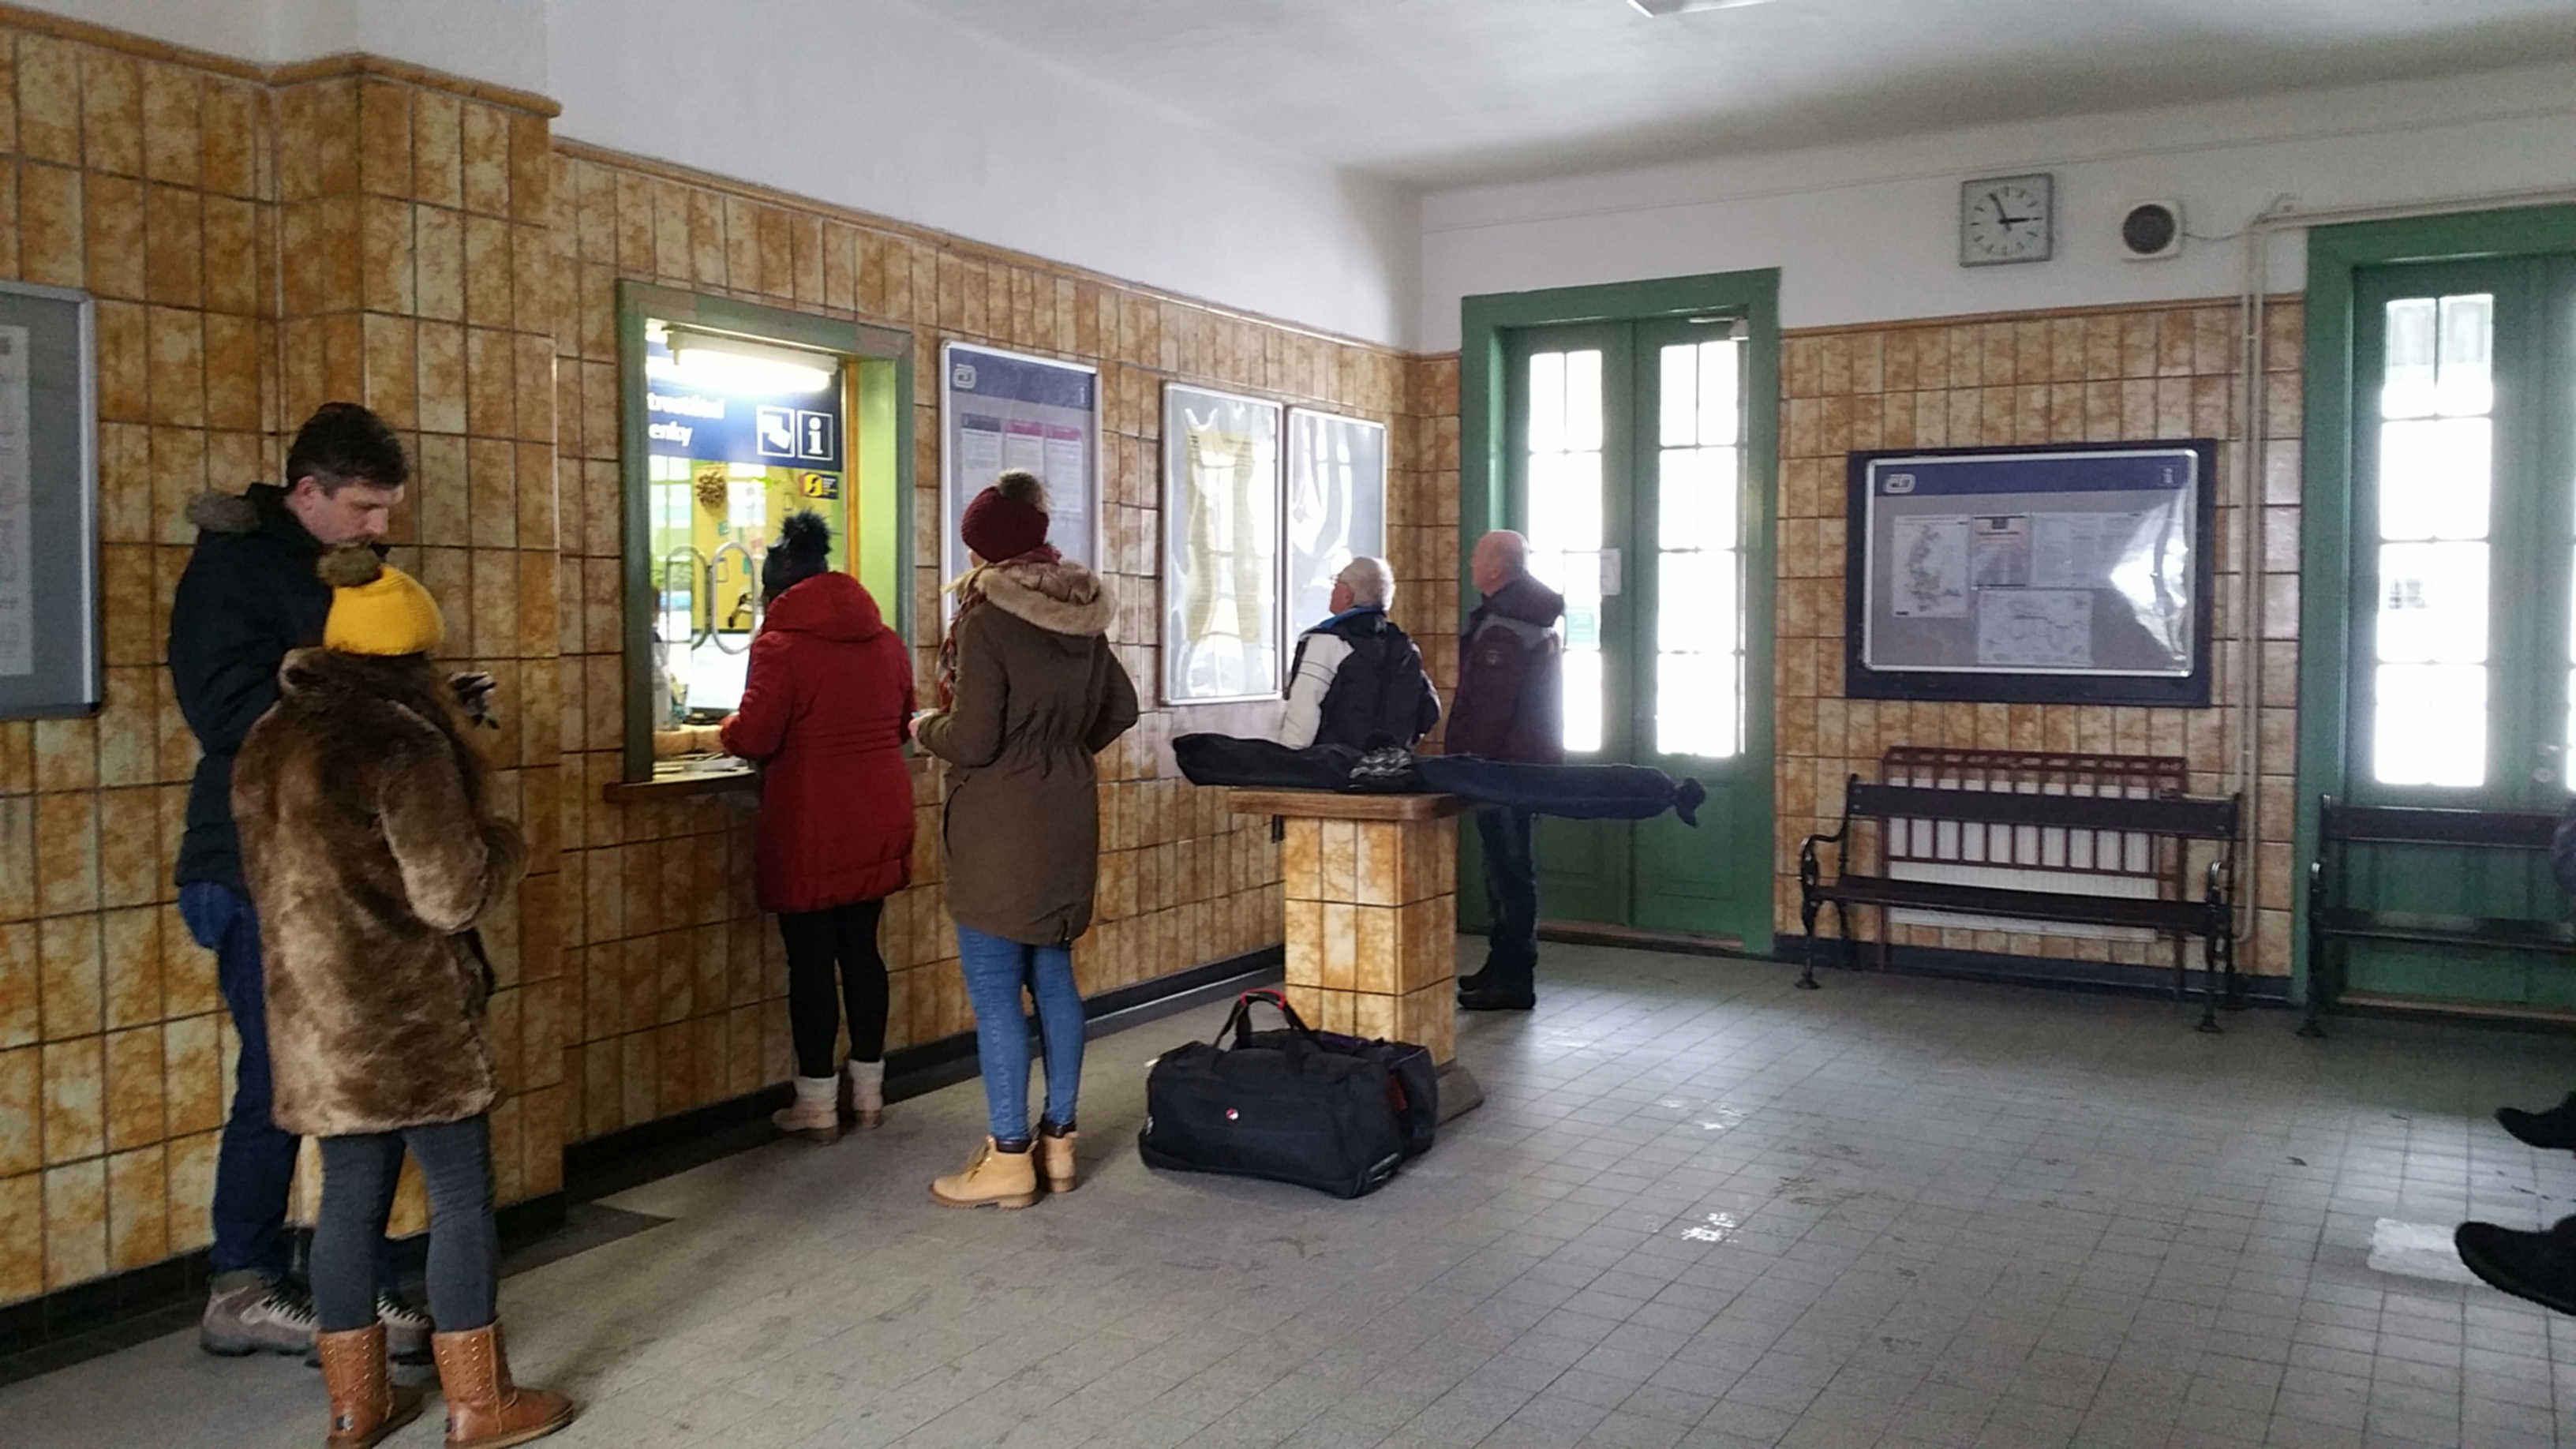 Čekárna a pokladny na nádraží Lipová lázně